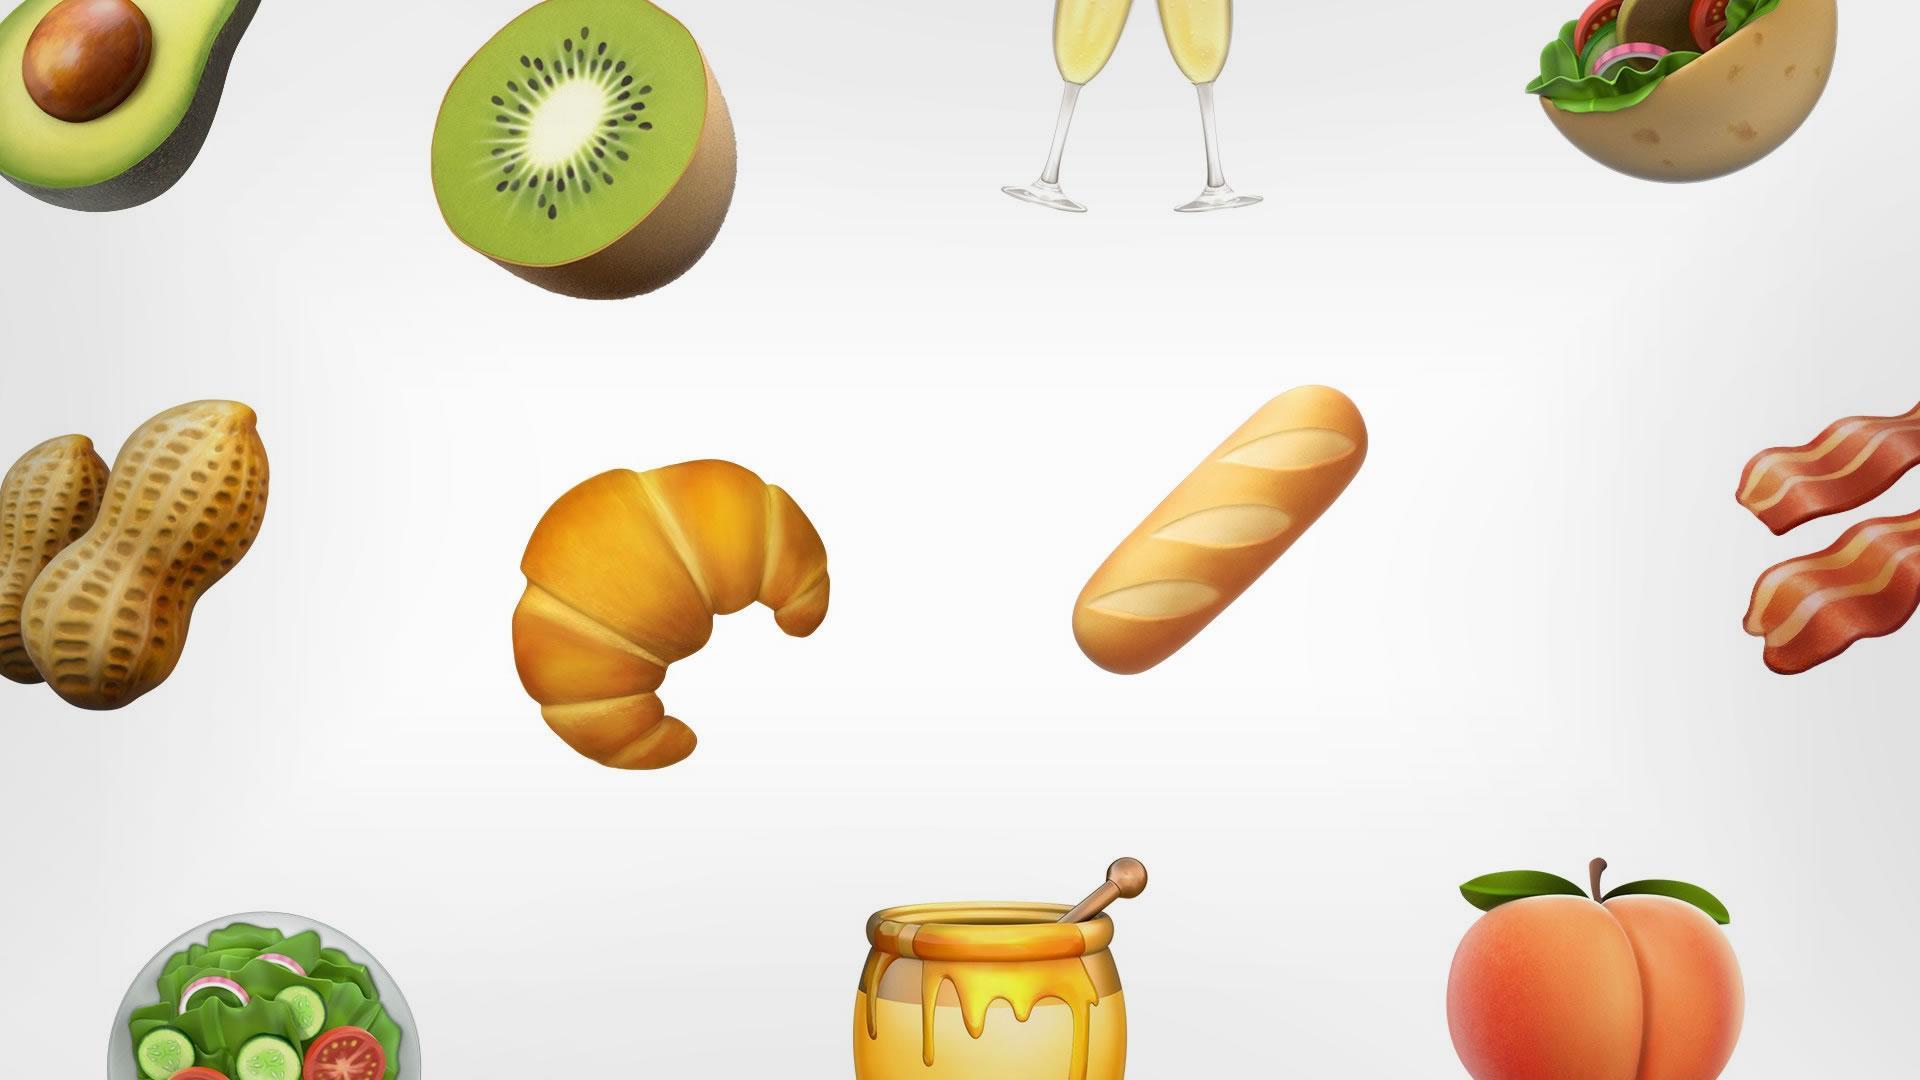 Nuestro próximo viaje lo buscamos con emojis